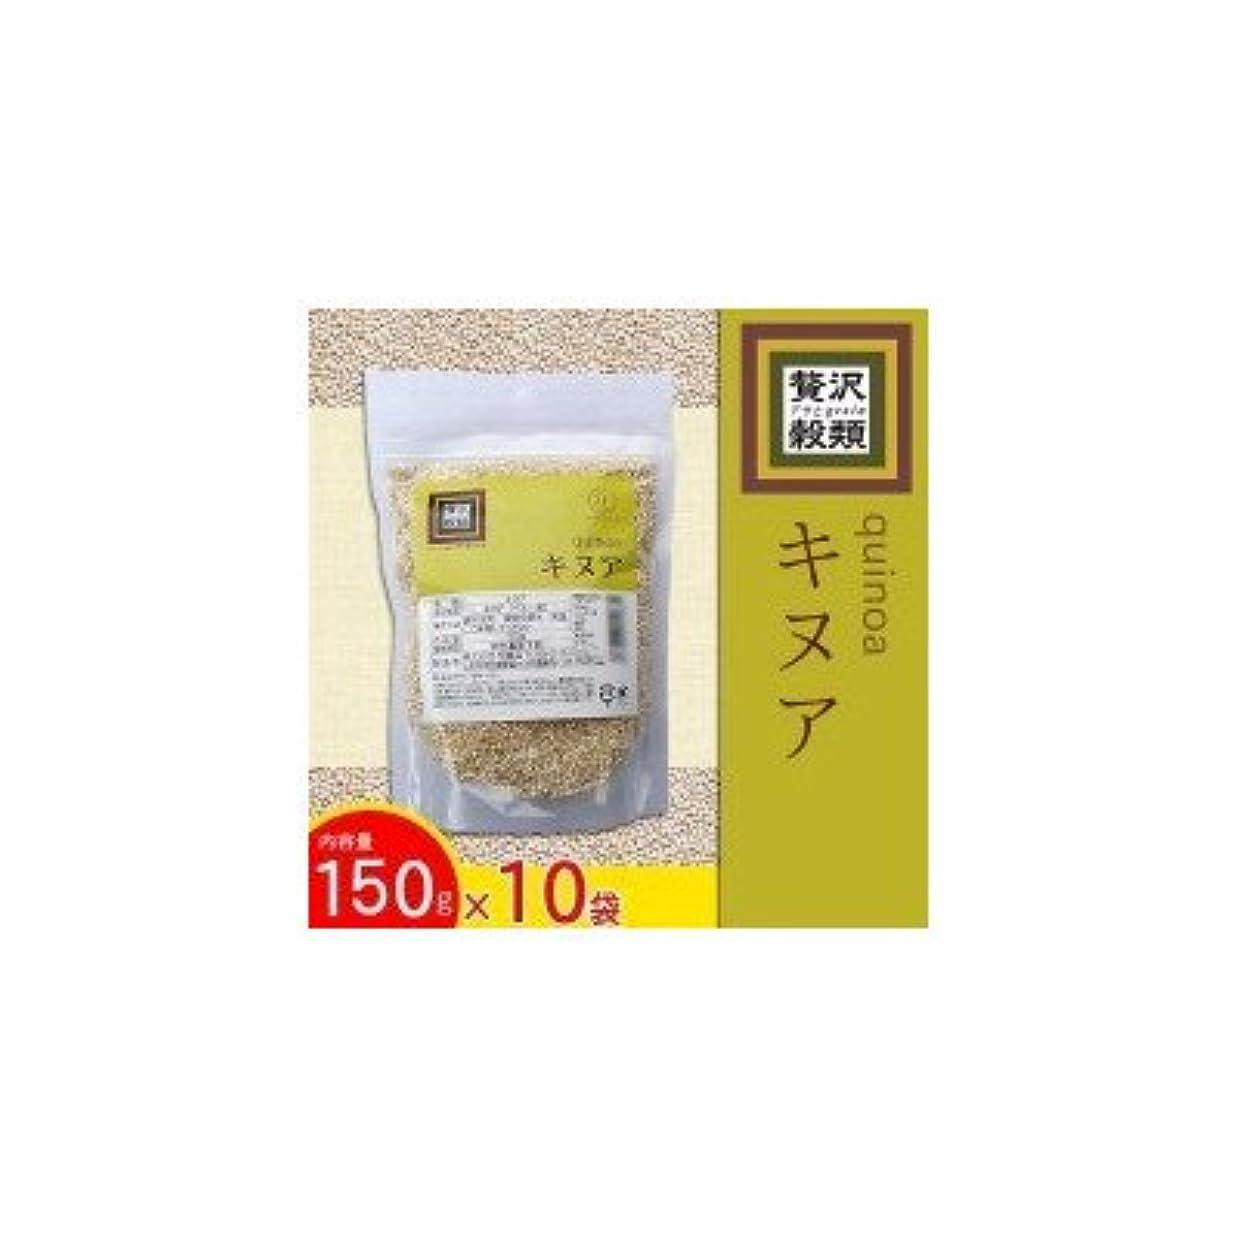 女王デッドロック贅沢穀類 キヌア 150g×10袋